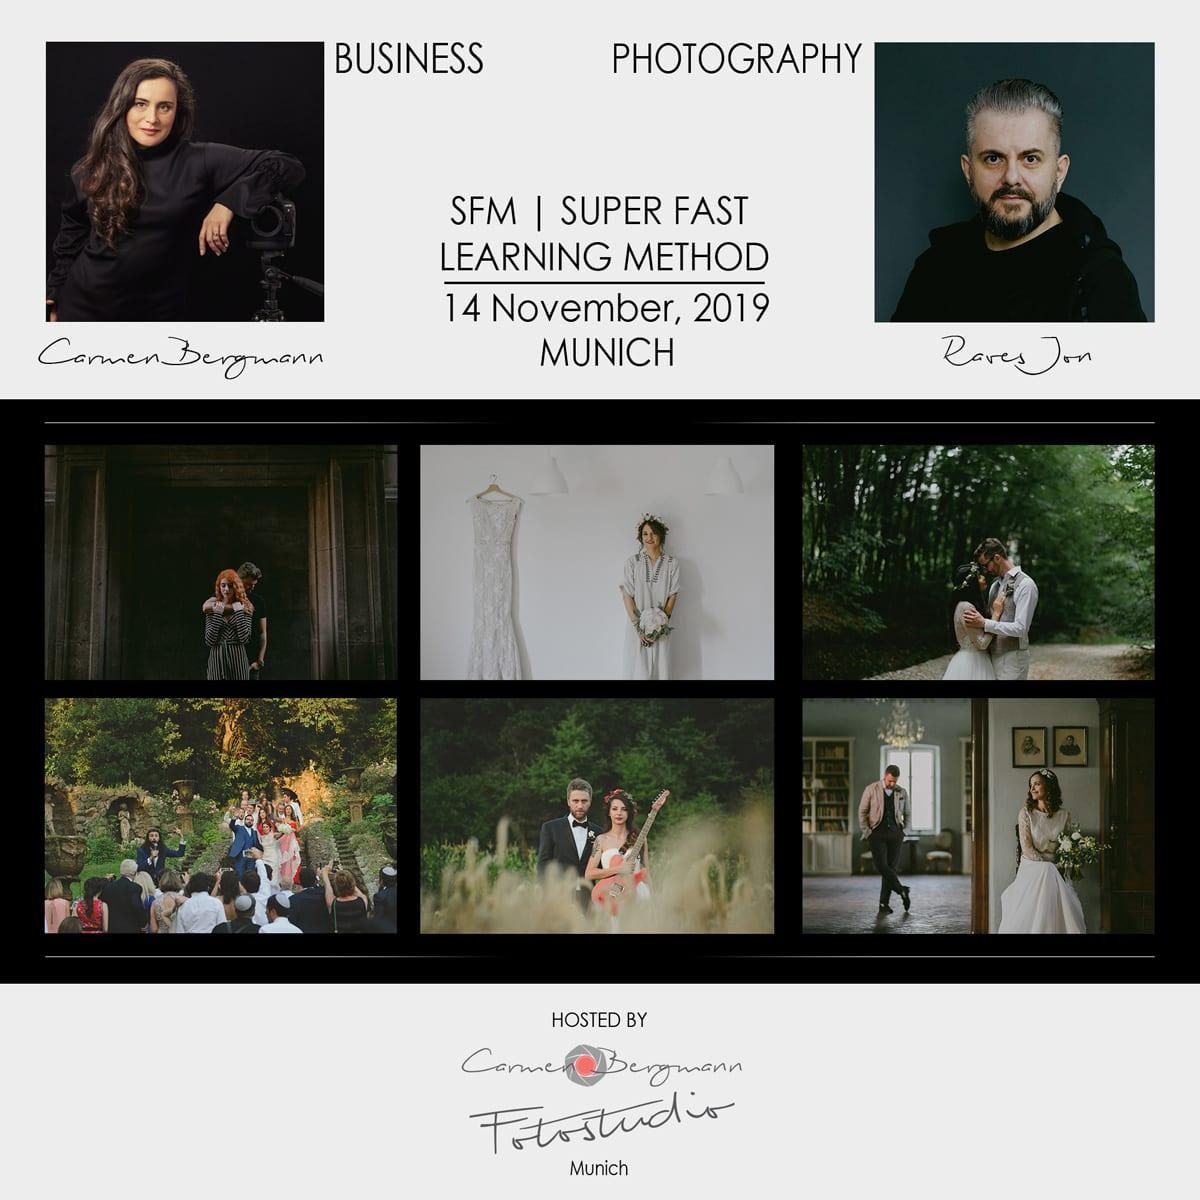 Hochzeitsfotografie-Workshop-von-Carmen-Bergmann-und-Rares-Ion-im-Fotostudio-Carmen-Bergmann-in-Muenchen-Rosenheimerstr